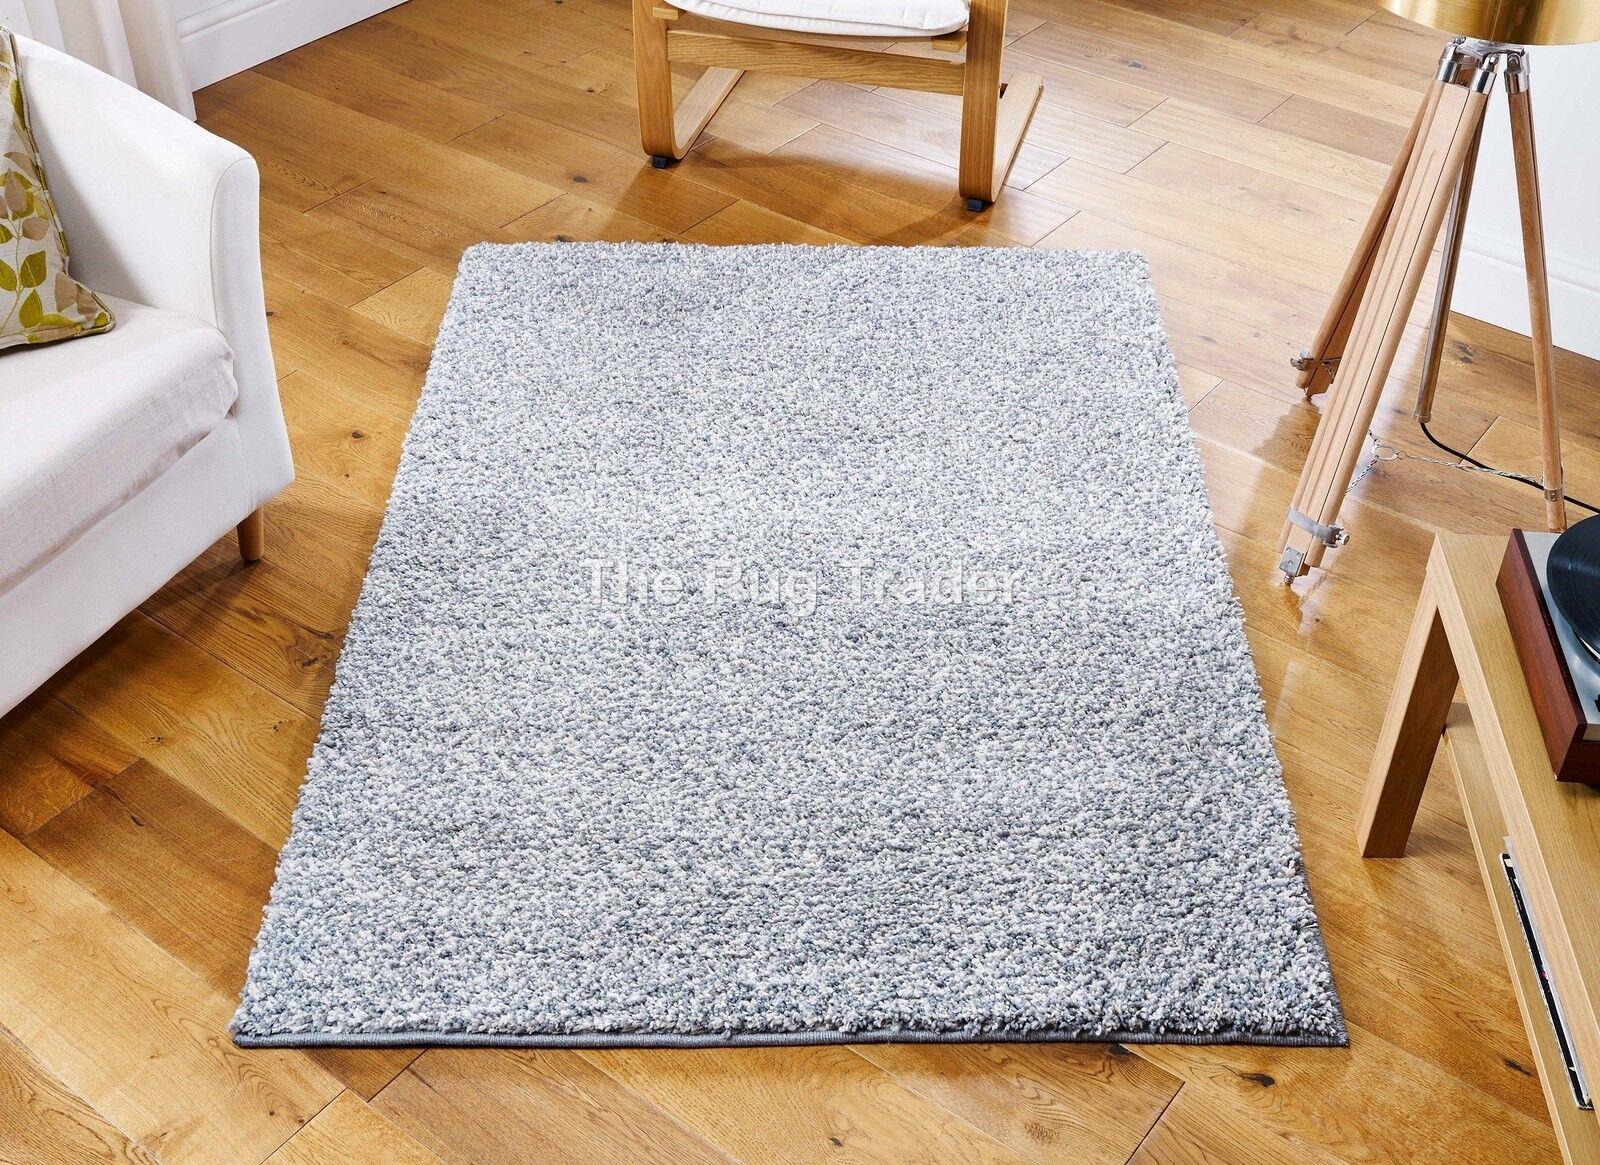 Cavender Cavender Cavender Épais Shaggy gris argent Zone Tapis Dans Différentes Tailles Inc Cercle   France  87be67